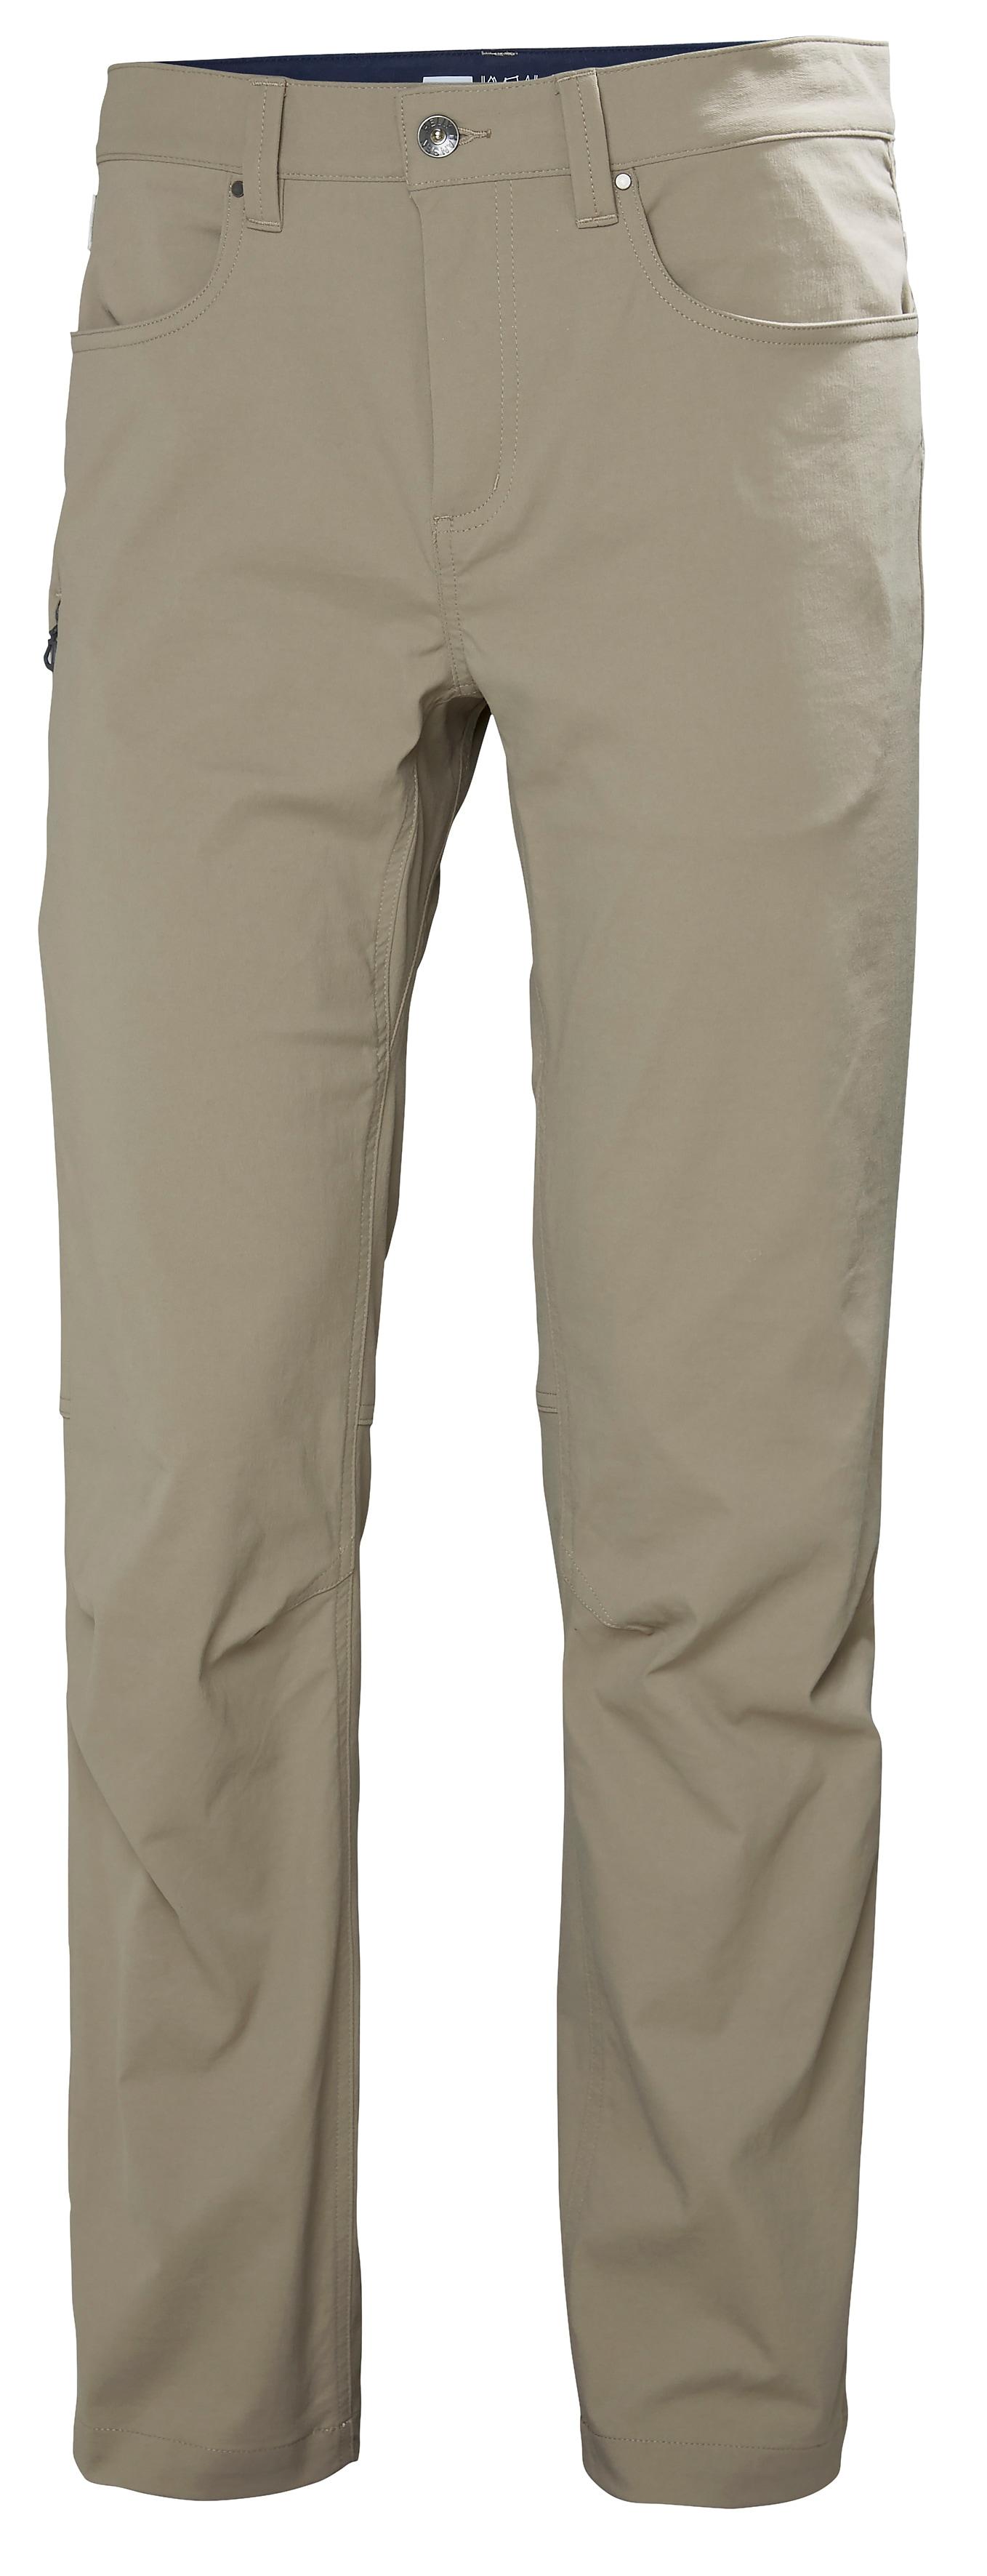 helly hansen -  Holmen 5 Pocket Pant Stoffhose